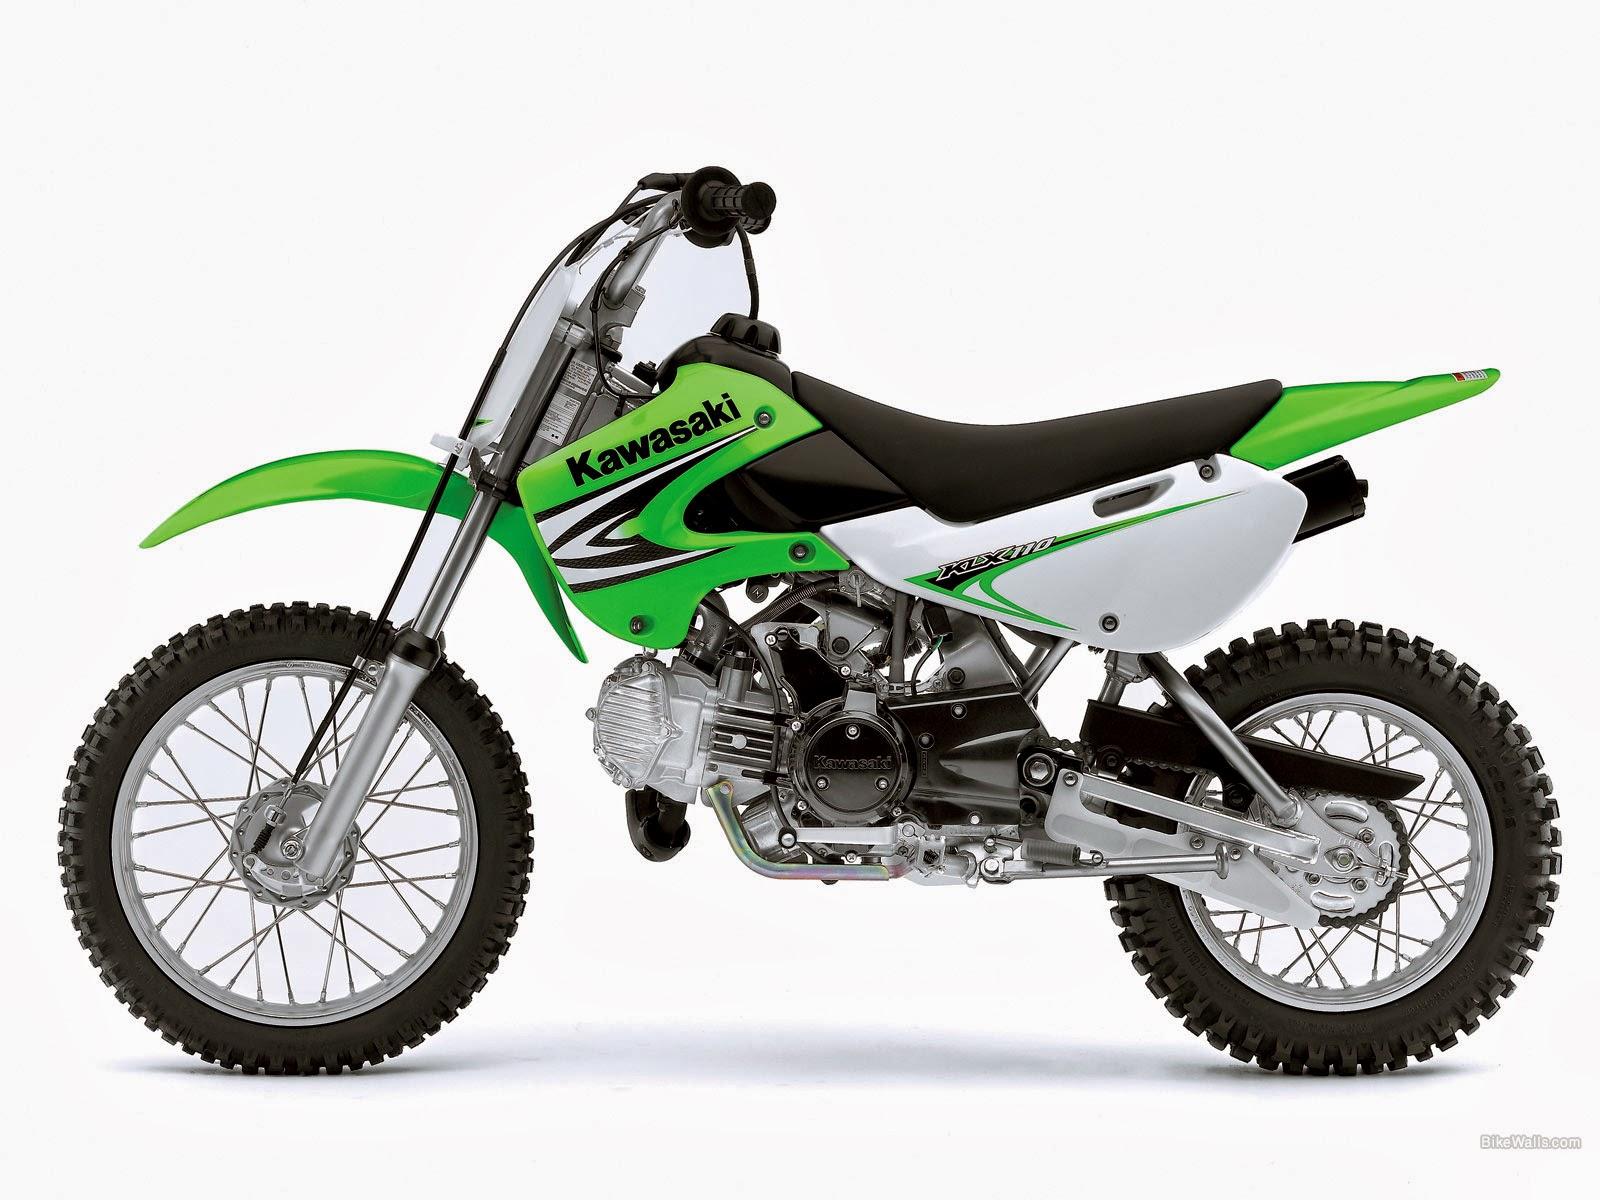 Kawasaki Klx 110 Kawasaki Motor